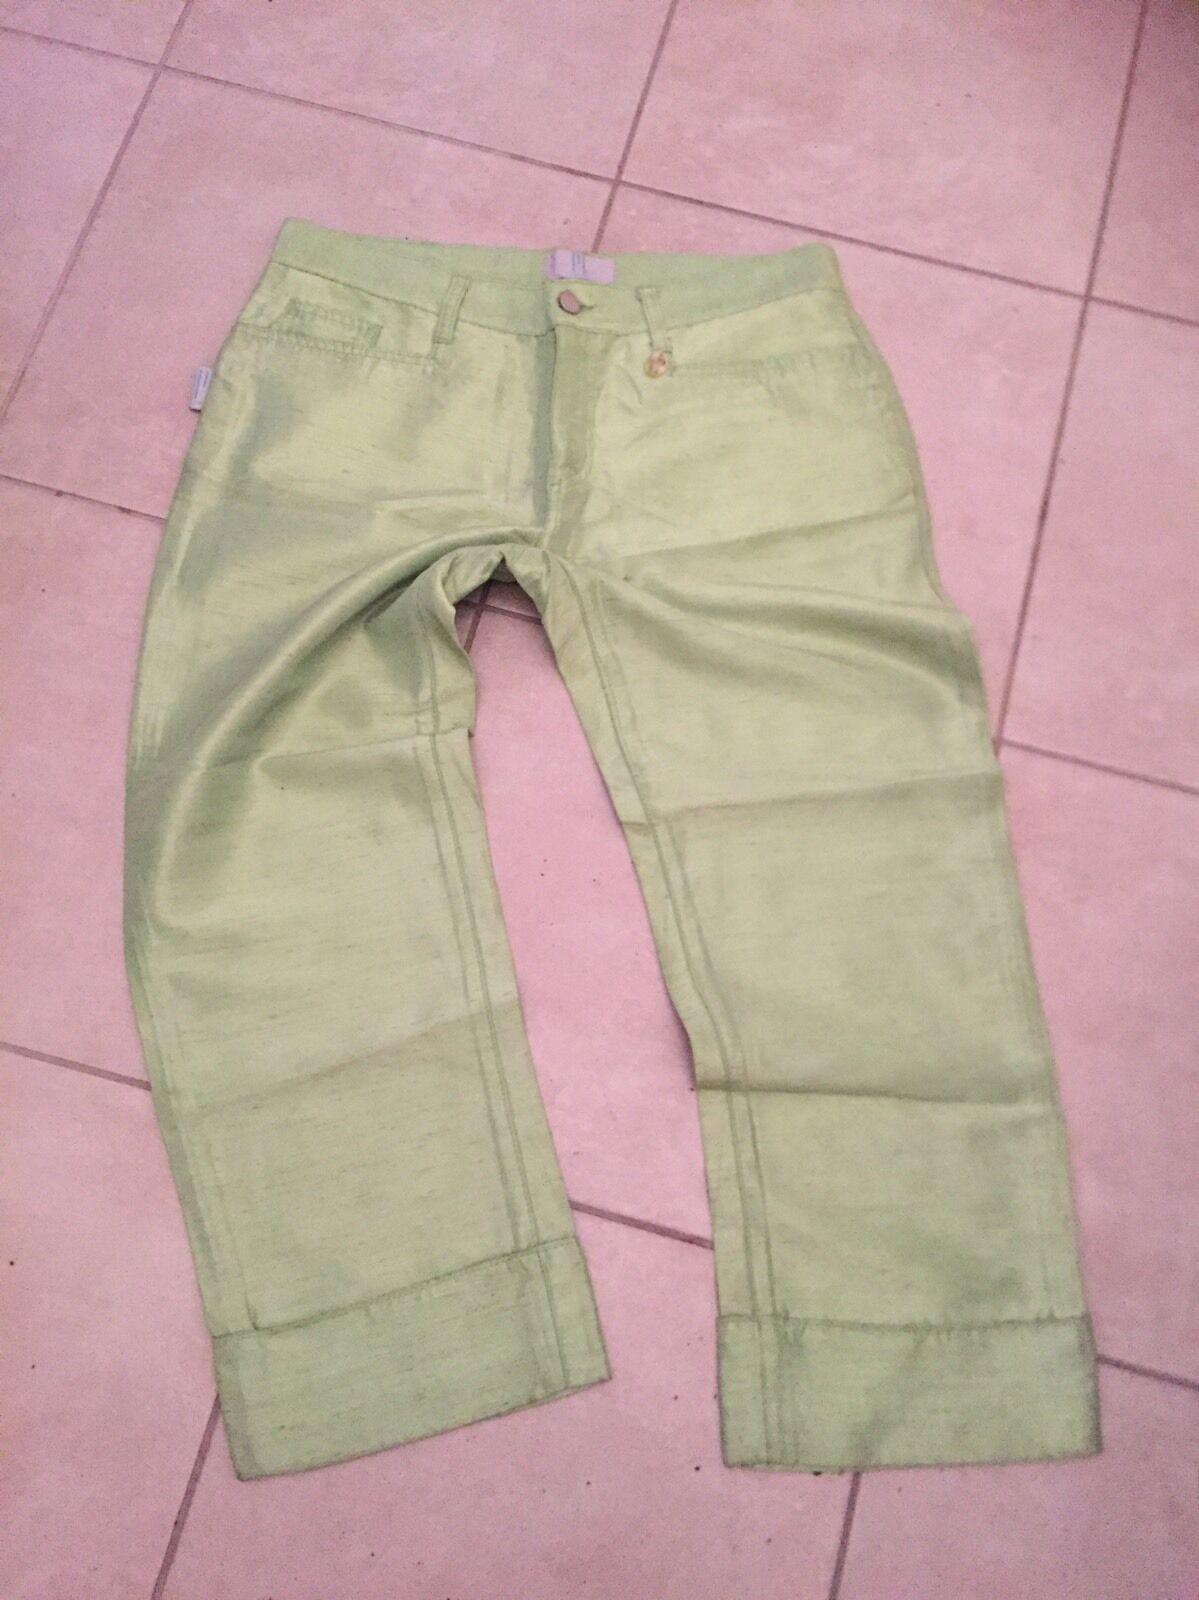 Pantacourt verde Missoni Jeans Dimensione 30